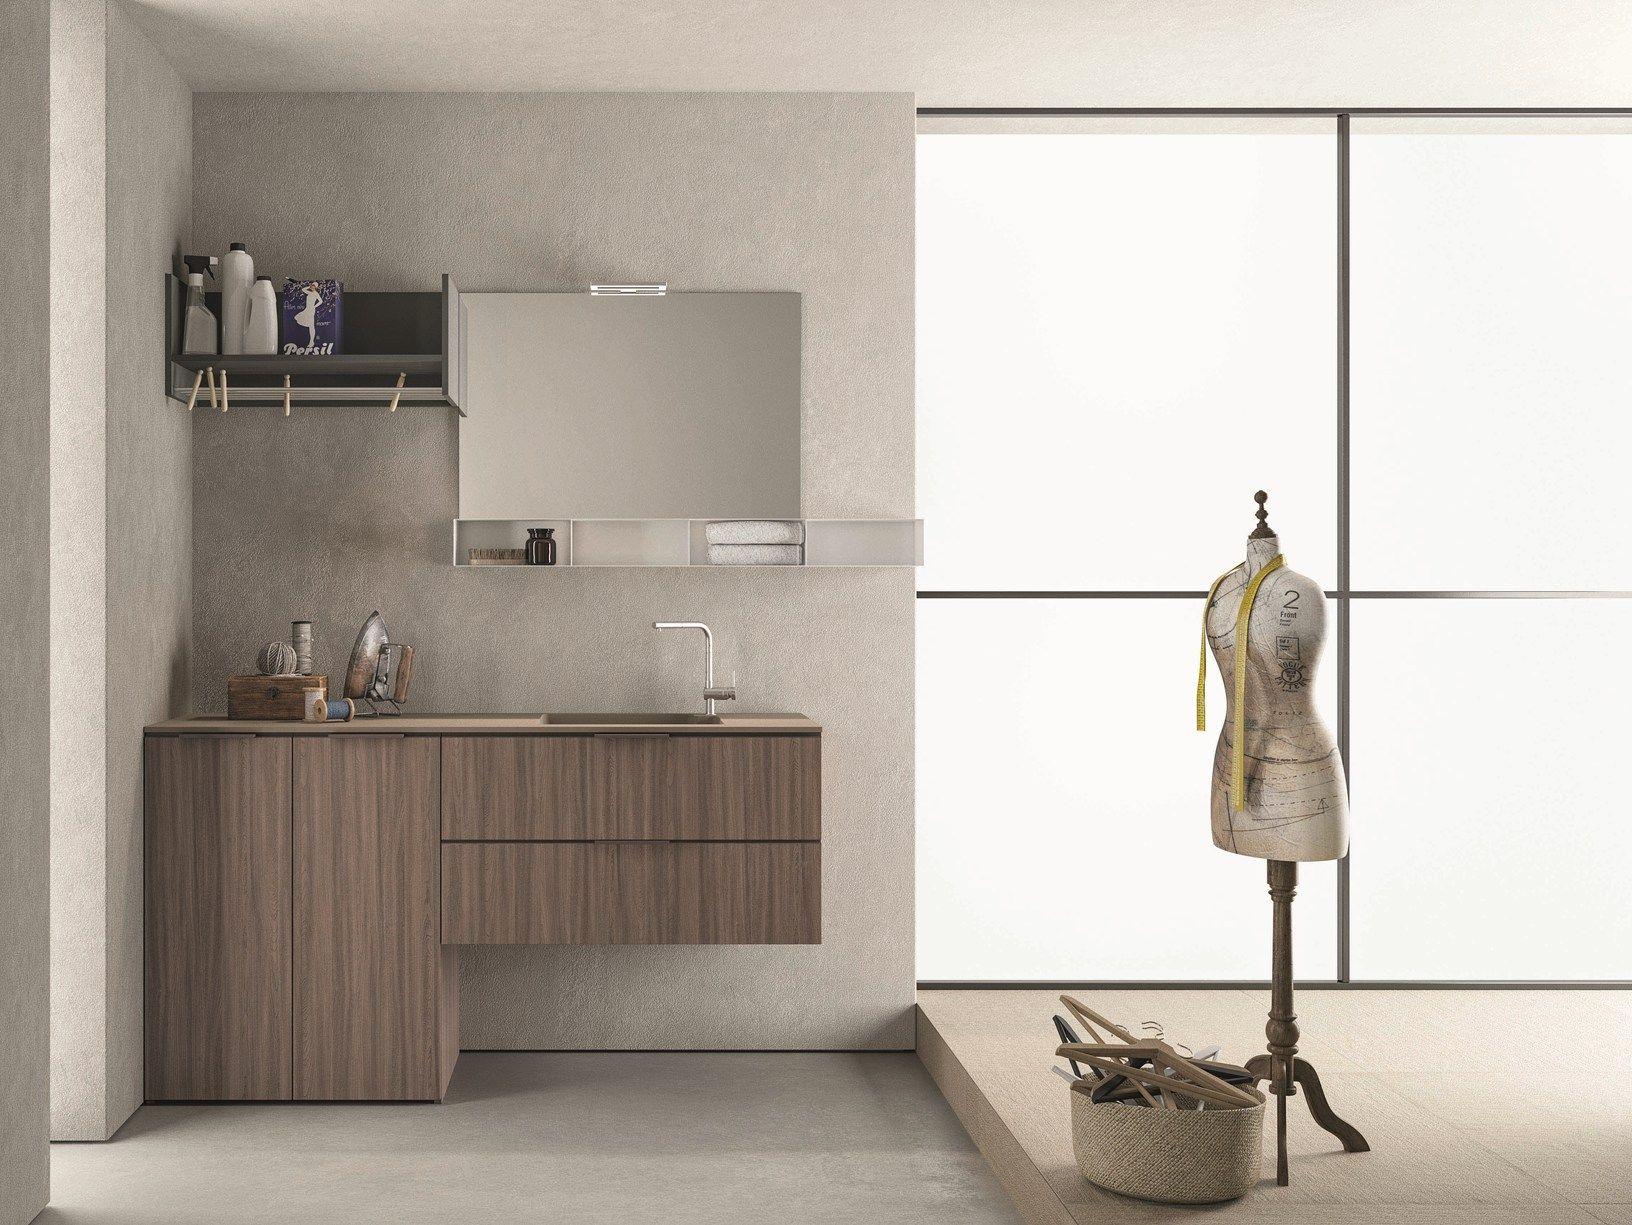 Drop la lavanderia componibile e modulare firmata novello - Novello mobili bagno ...